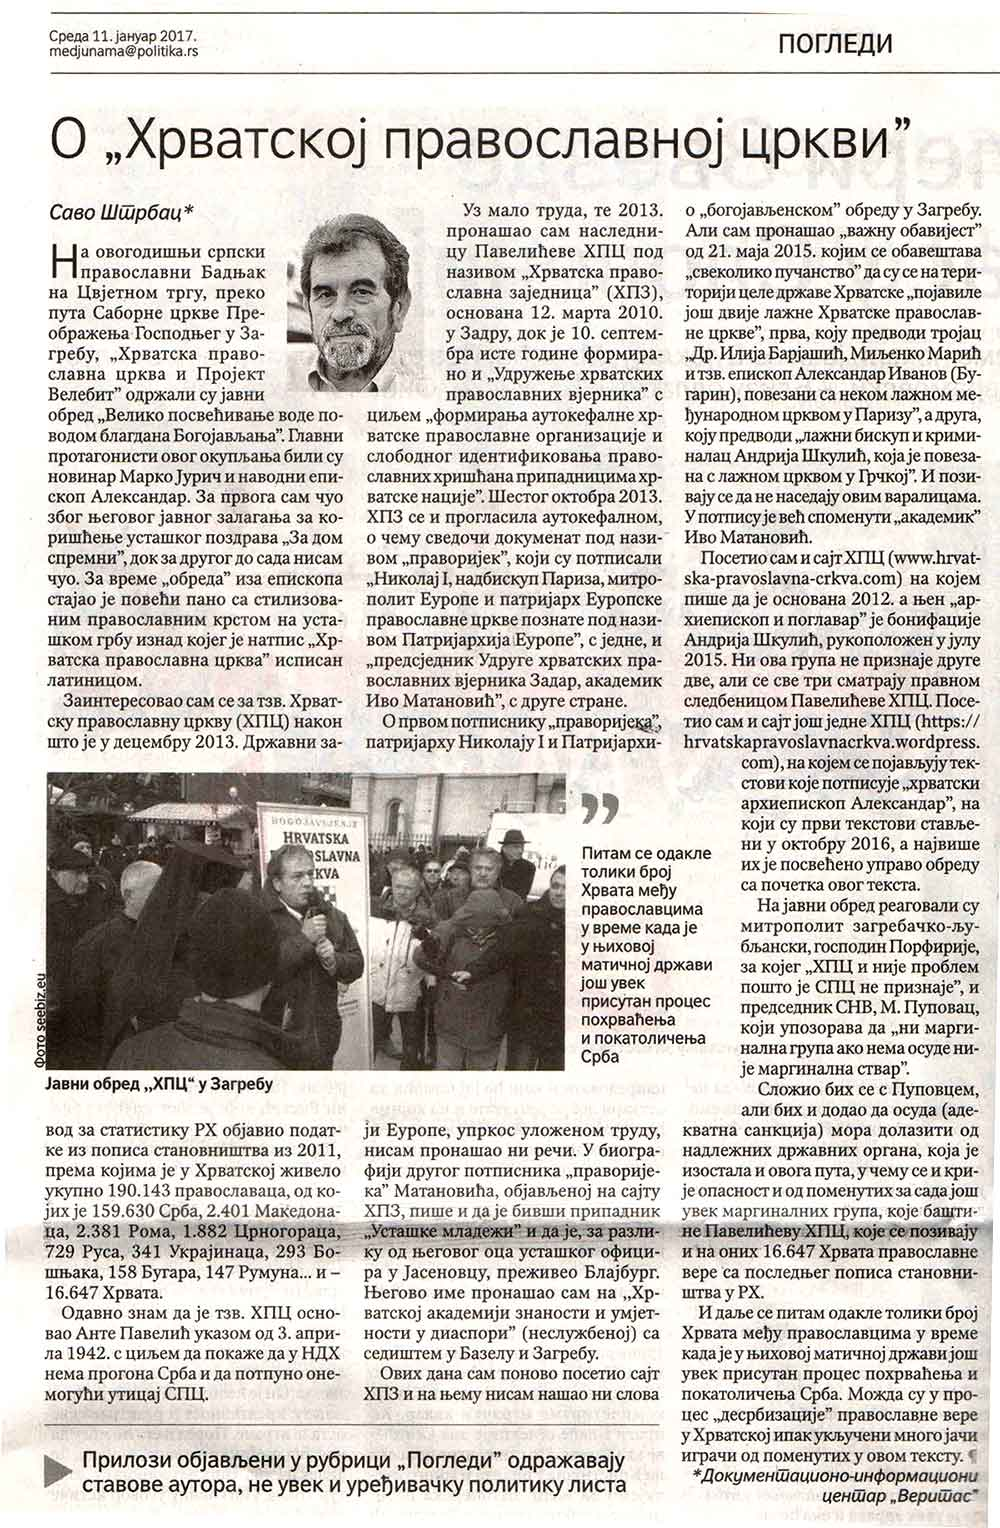 """Savo Štrbac: O """"Hrvatskoj pravoslavnoj crkvi"""" Politika, 11.01.2017."""